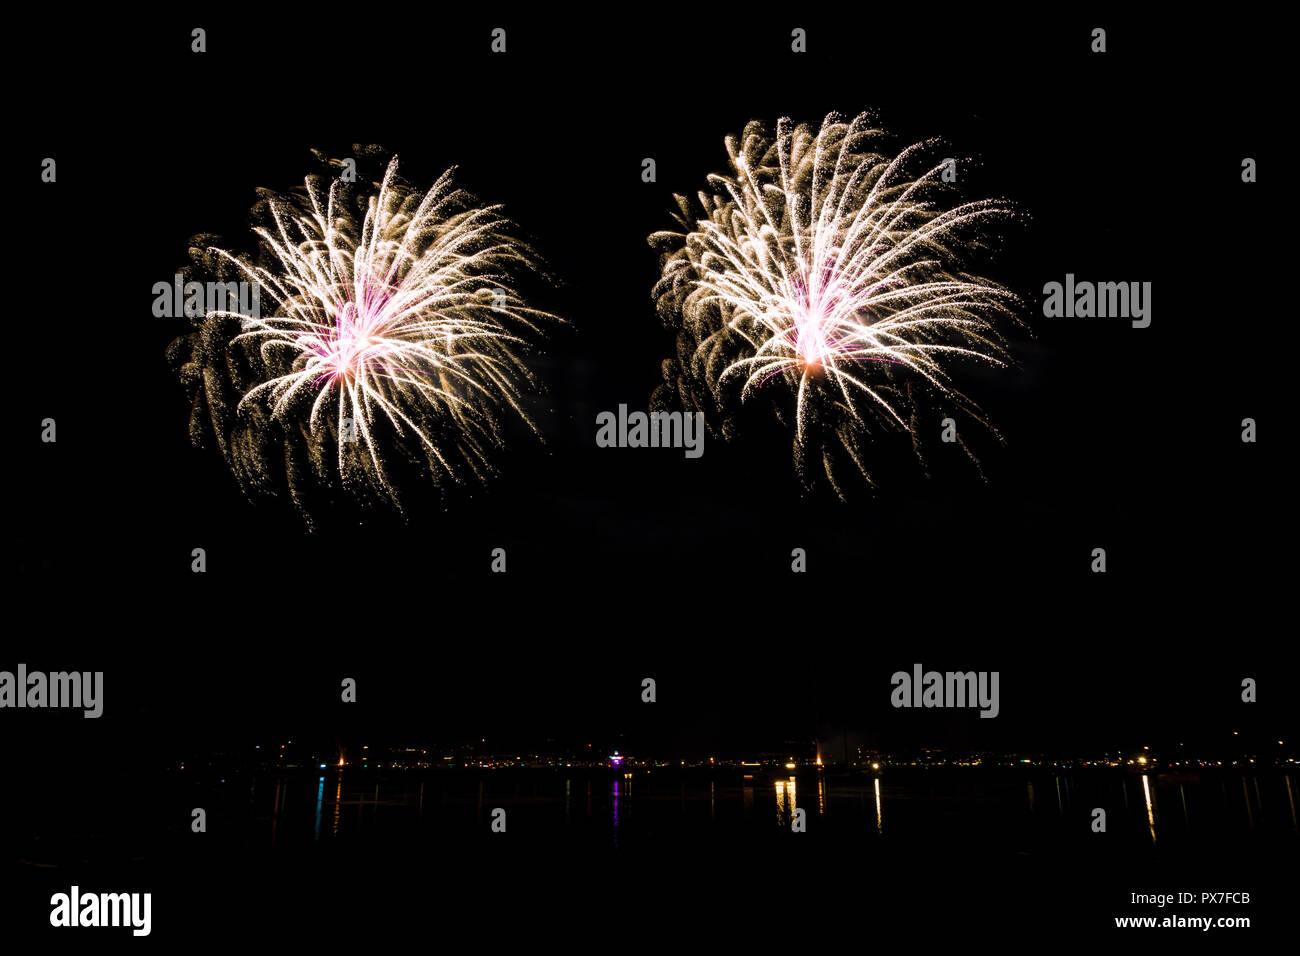 Fuochi d'artificio scintillanti esplosioni di festival come il nuovo anno Immagini Stock